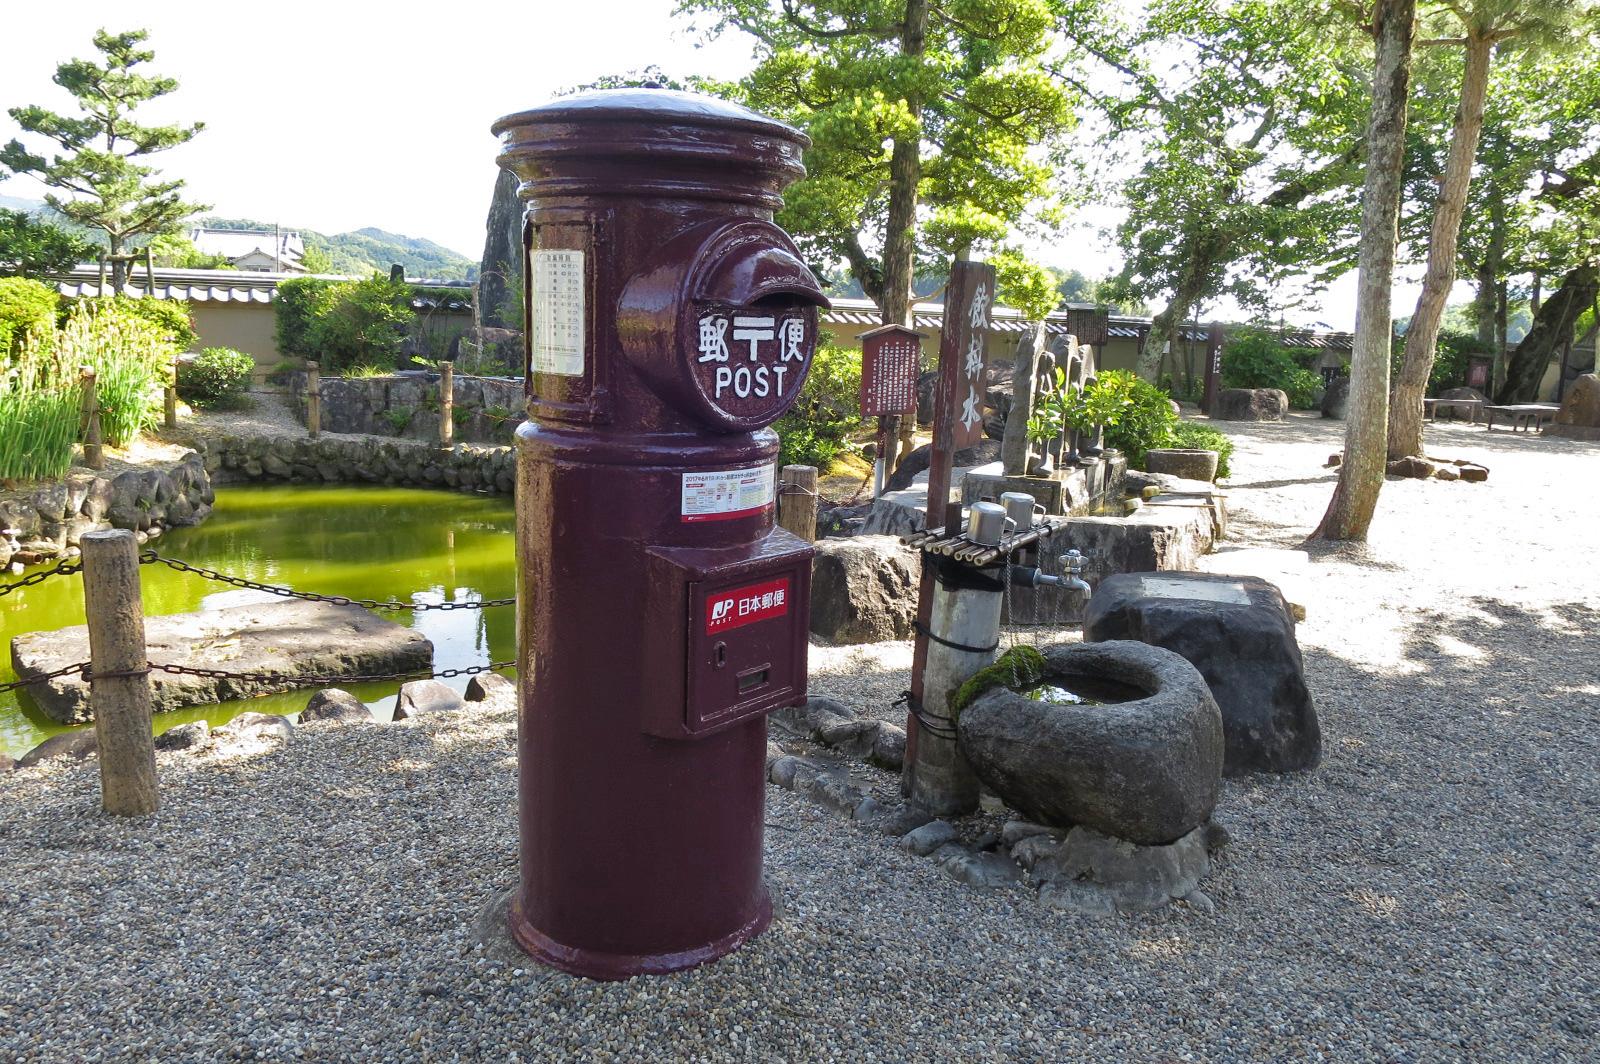 飛鳥寺内にある郵便ポスト。10年前は赤いポストだったようですが、景観に合わせて現在の色に塗られました